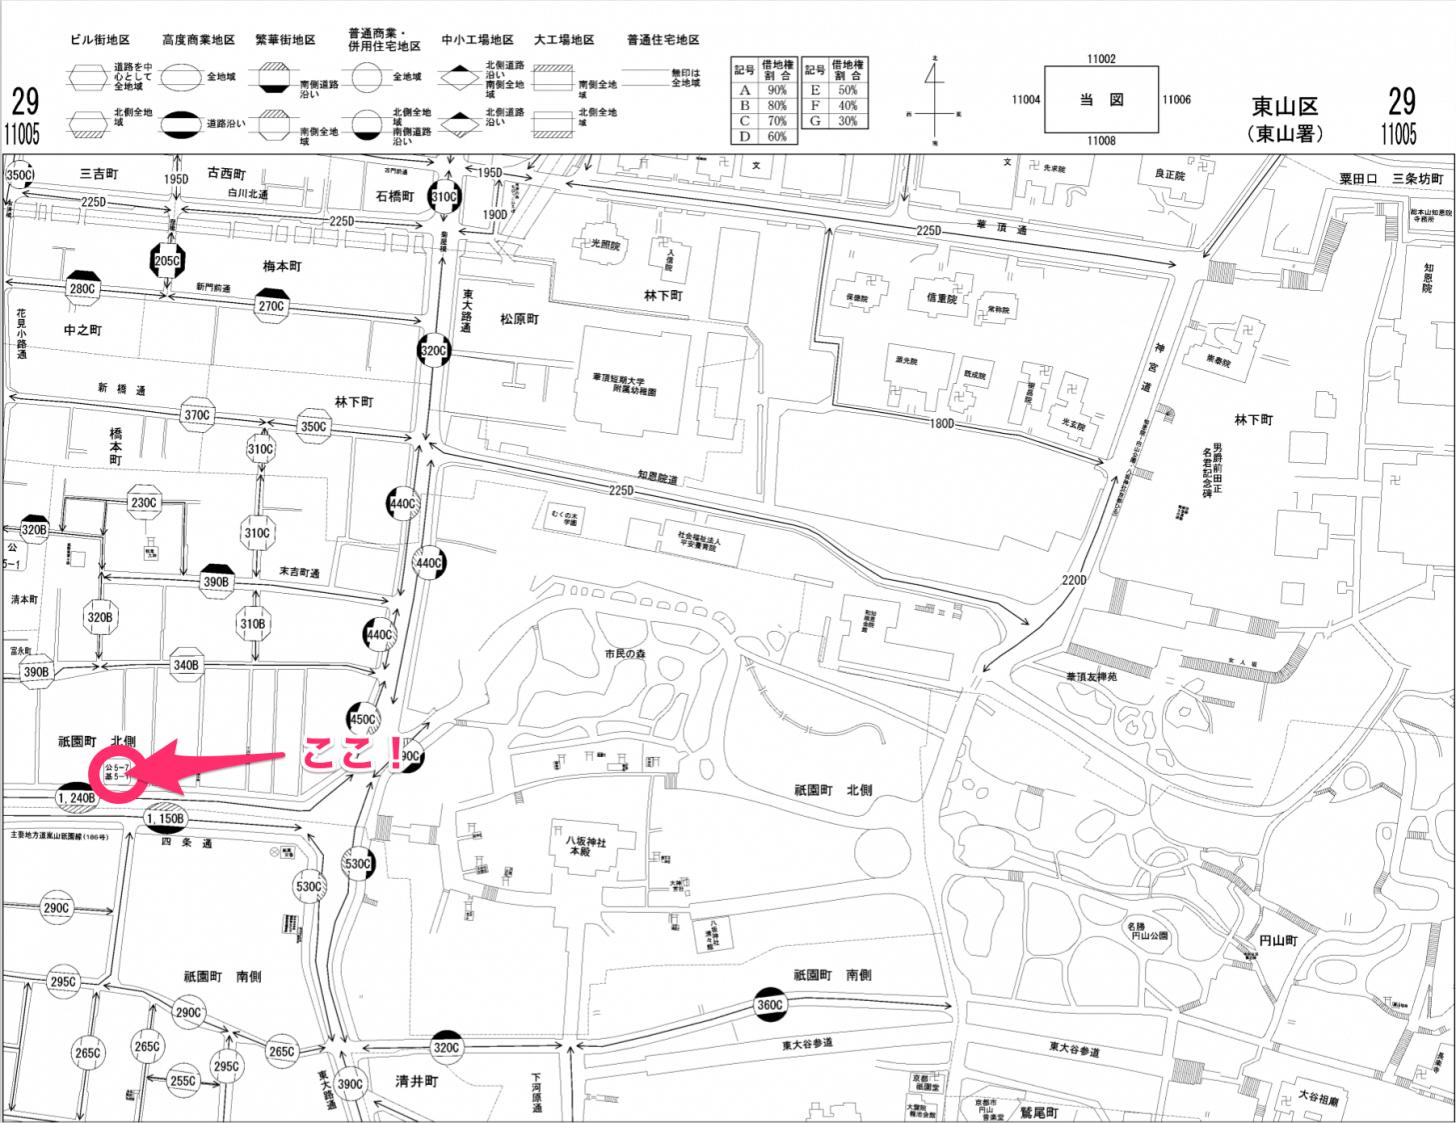 京都市東山区祇園町北側277番地付近の路線価図